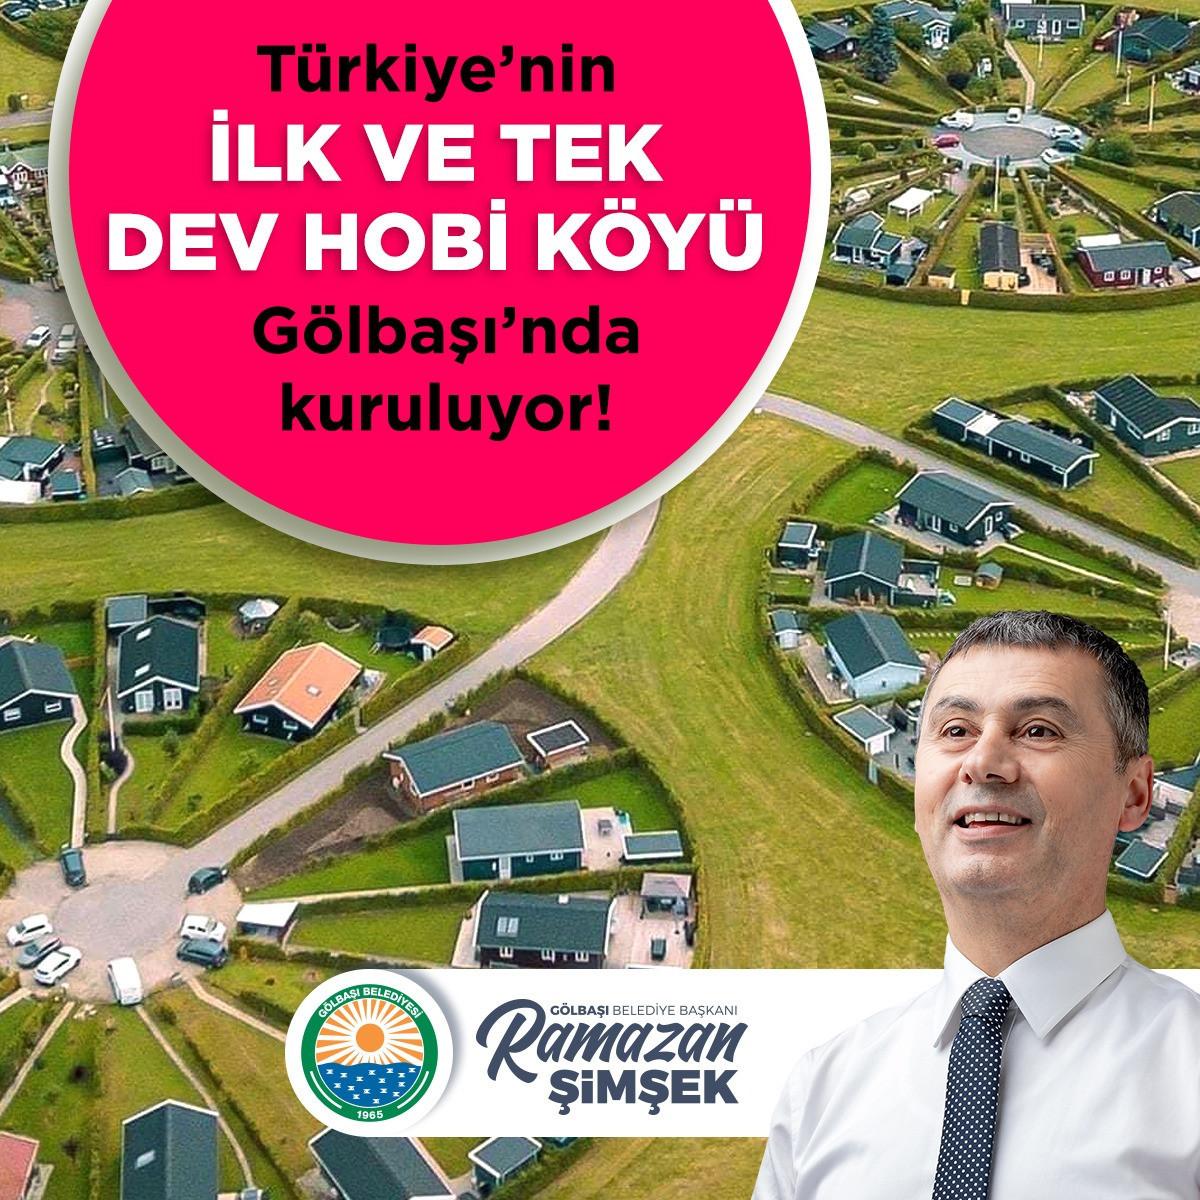 Atatürk'ün 'İdeal Cumhuriyet Köyü' projesi Gölbaşı'nda hayata geçiyor!